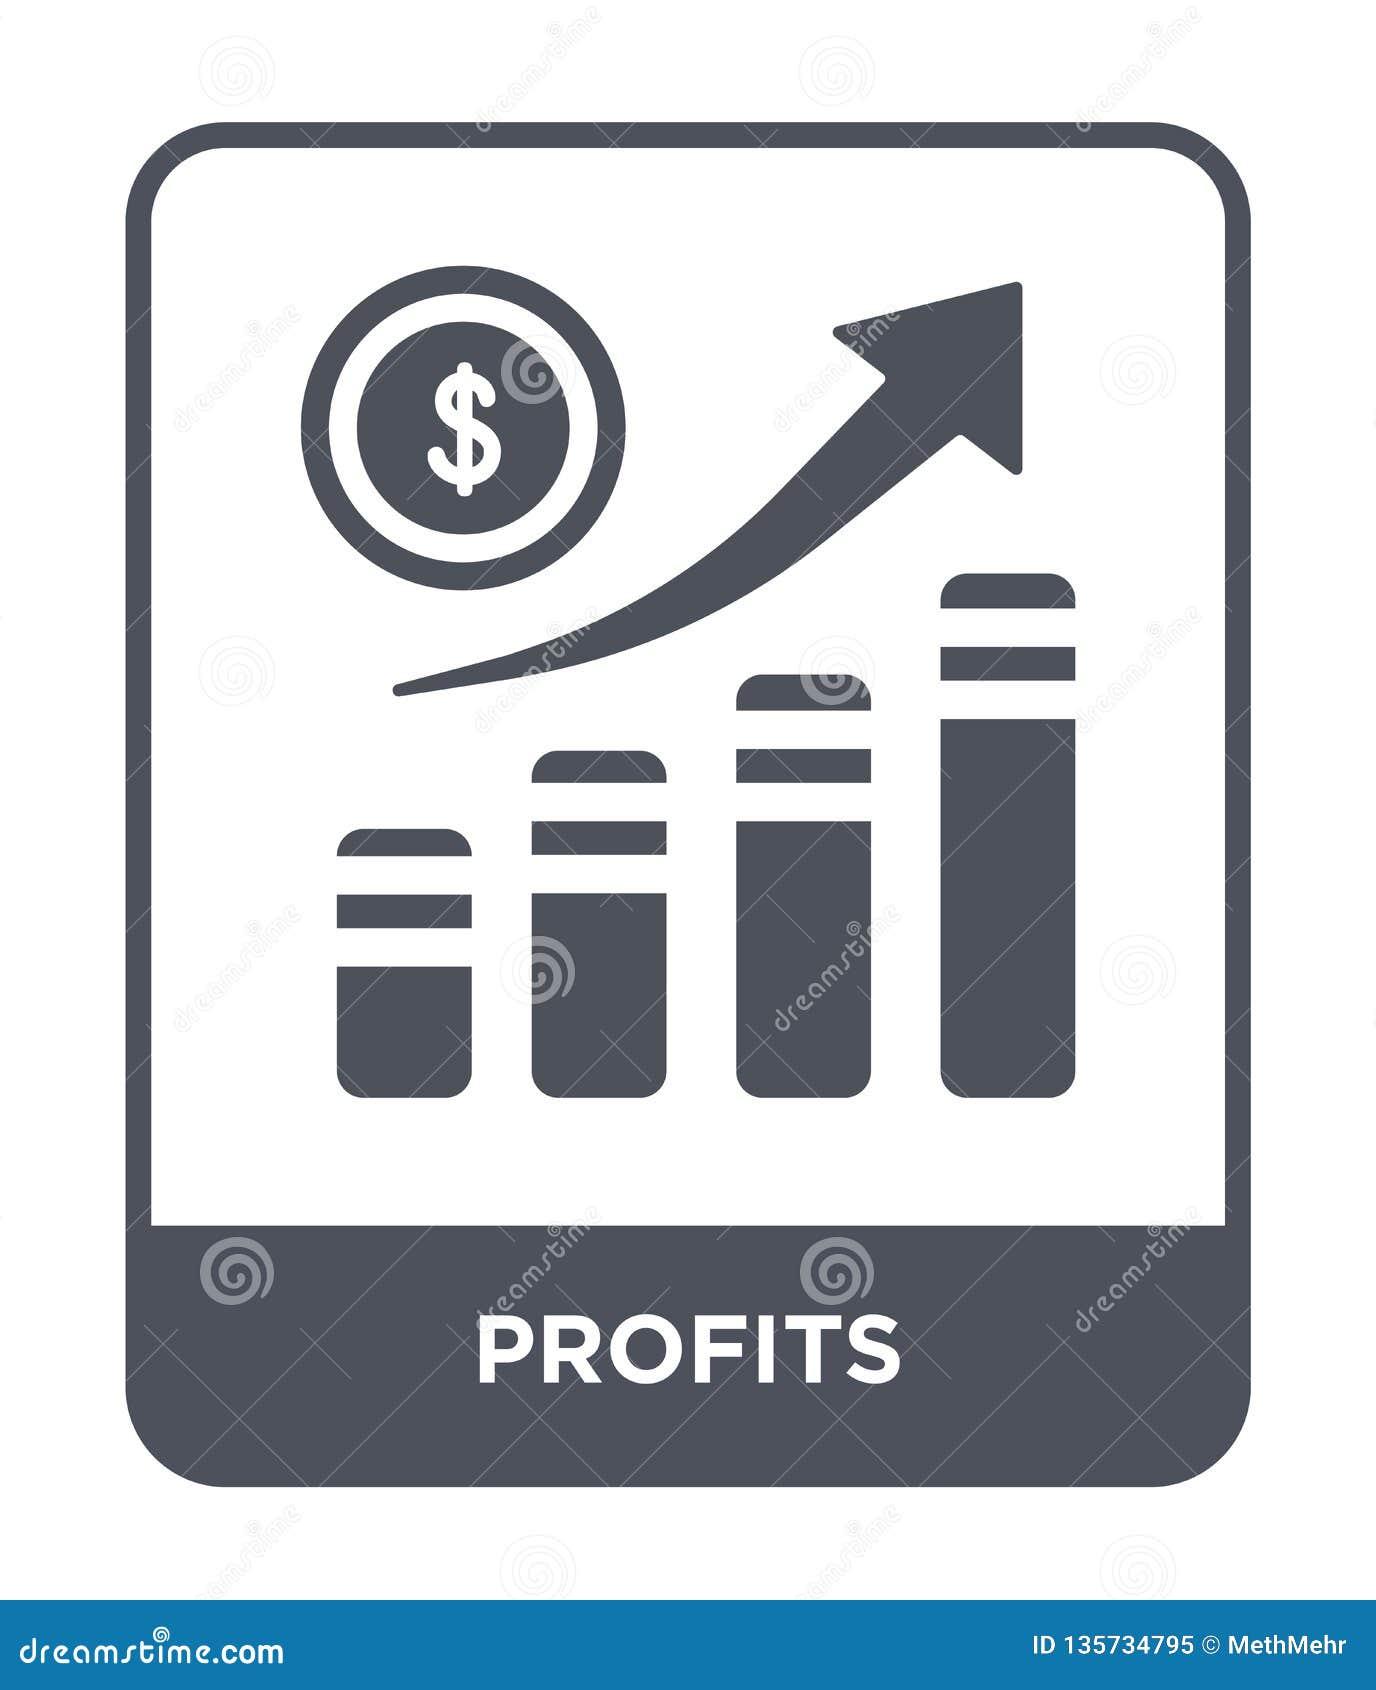 ícone dos lucros no estilo na moda do projeto ícone dos lucros isolado no fundo branco símbolo liso simples e moderno do ícone do